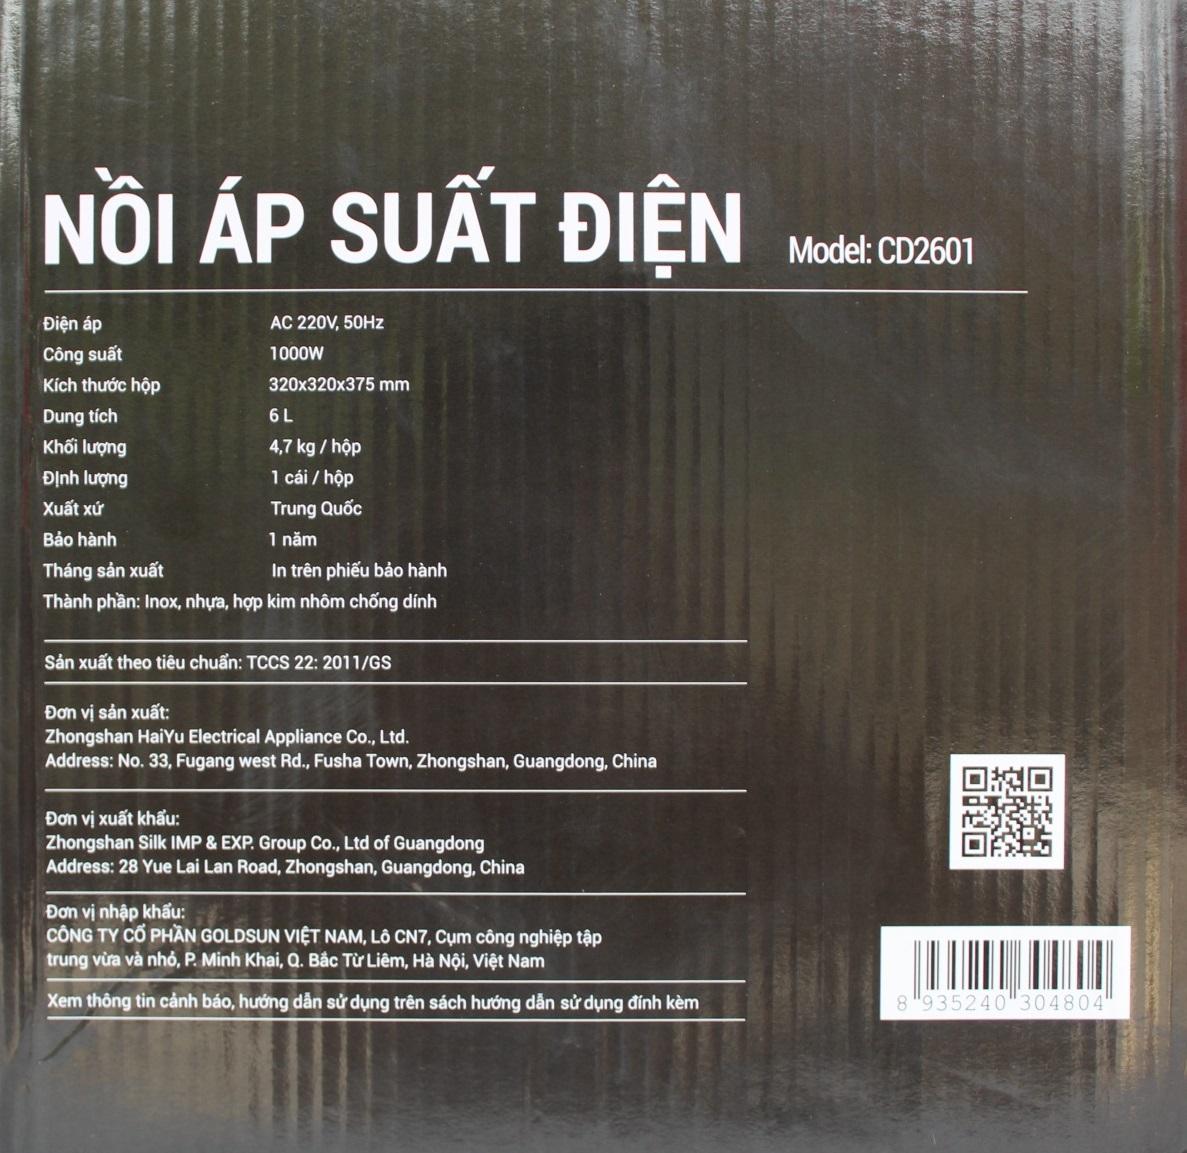 Nồi Áp Suất Điện Tử Đa Năng Goldsun CD2601 (6 lít) - Chính Hãng